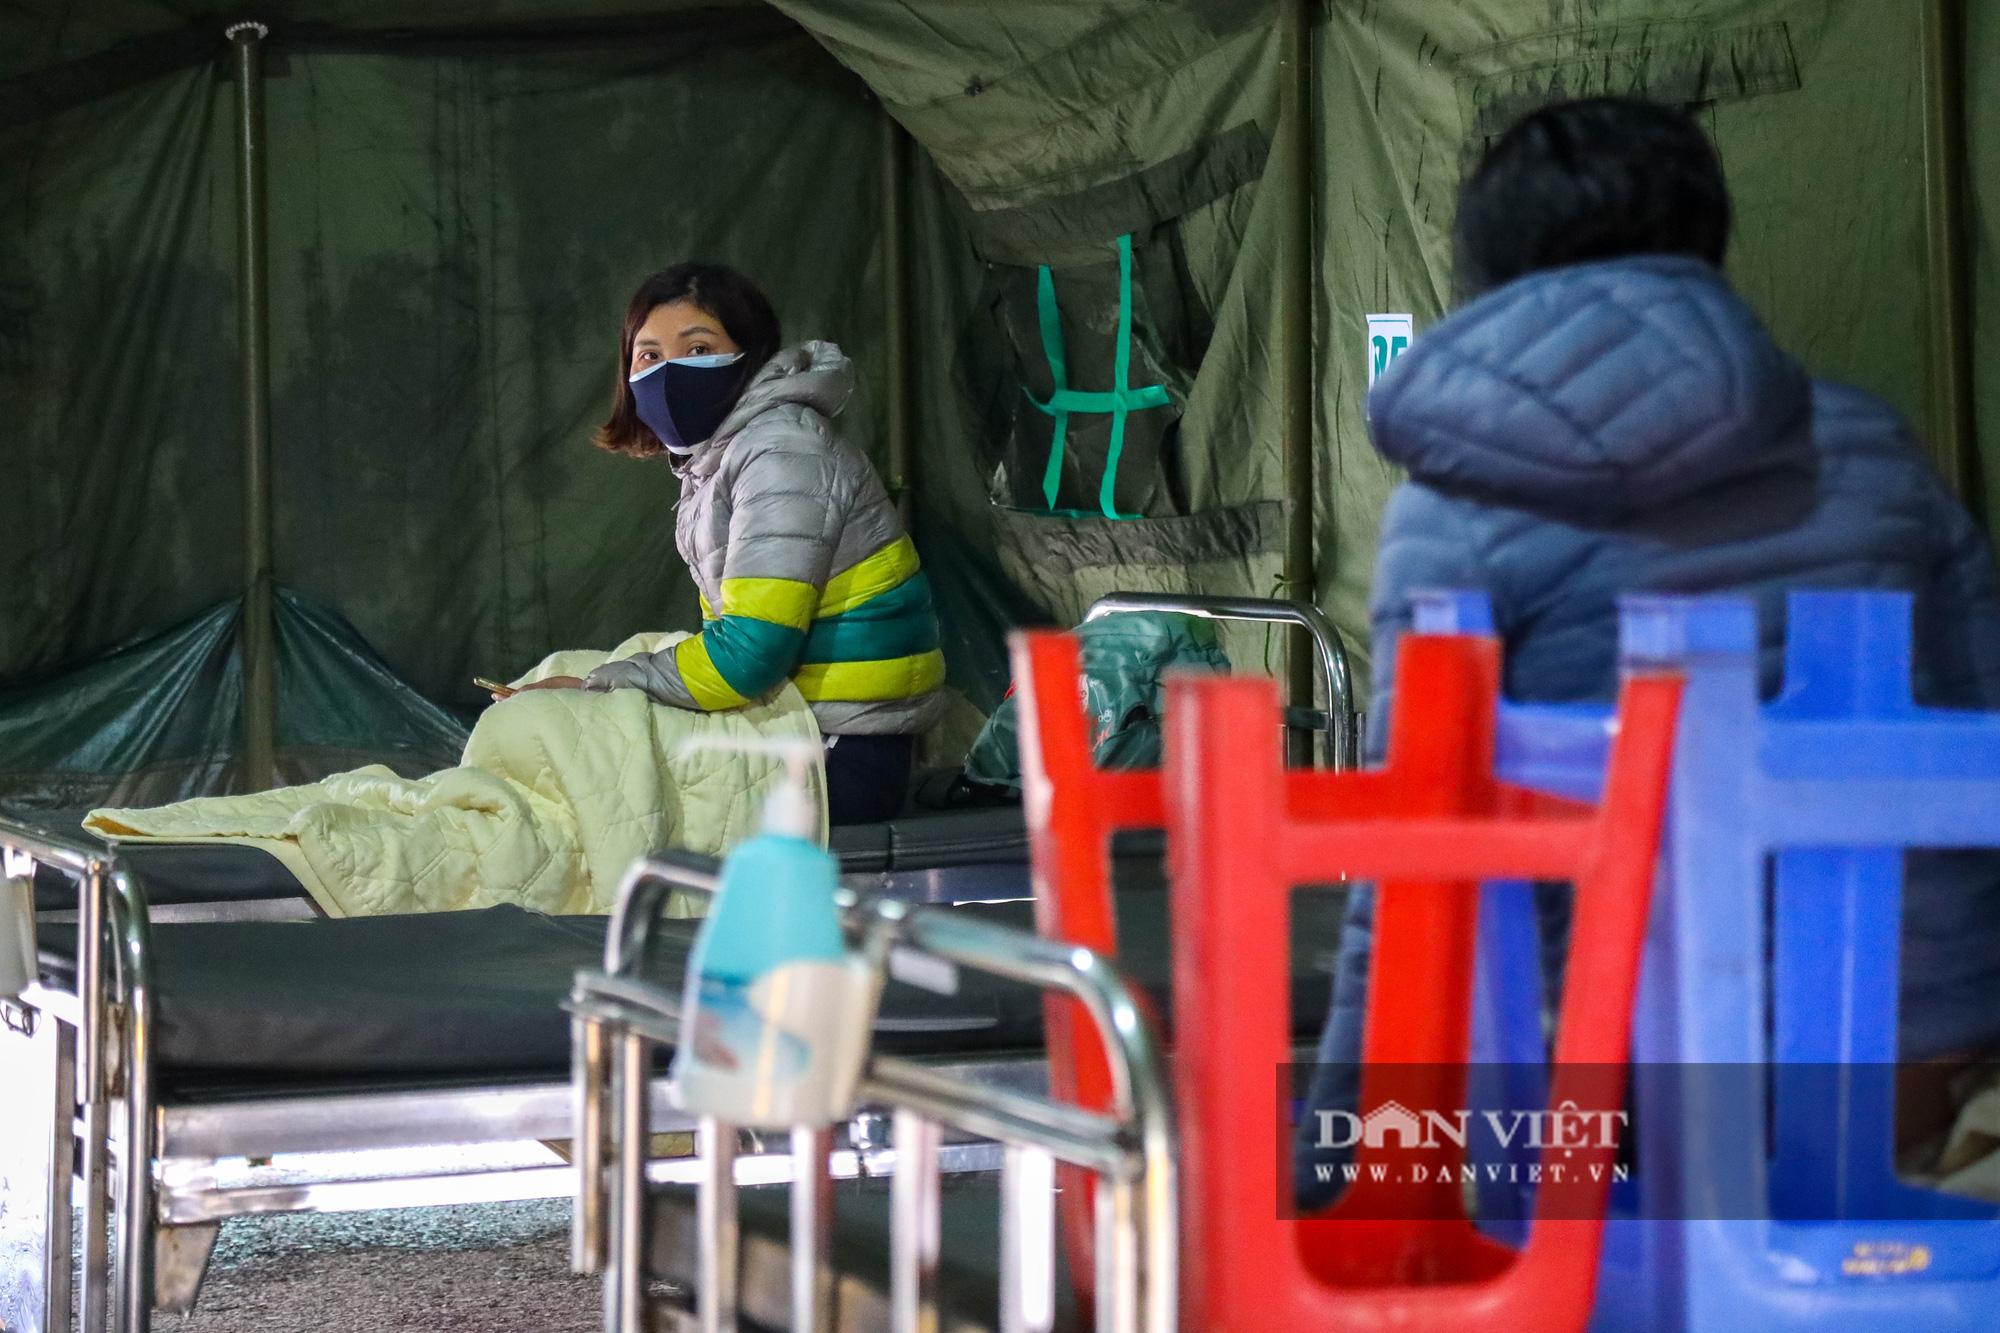 Cận cảnh bệnh viện dã chiến xây trong 4 tiếng ở Hà Nội  - Ảnh 7.